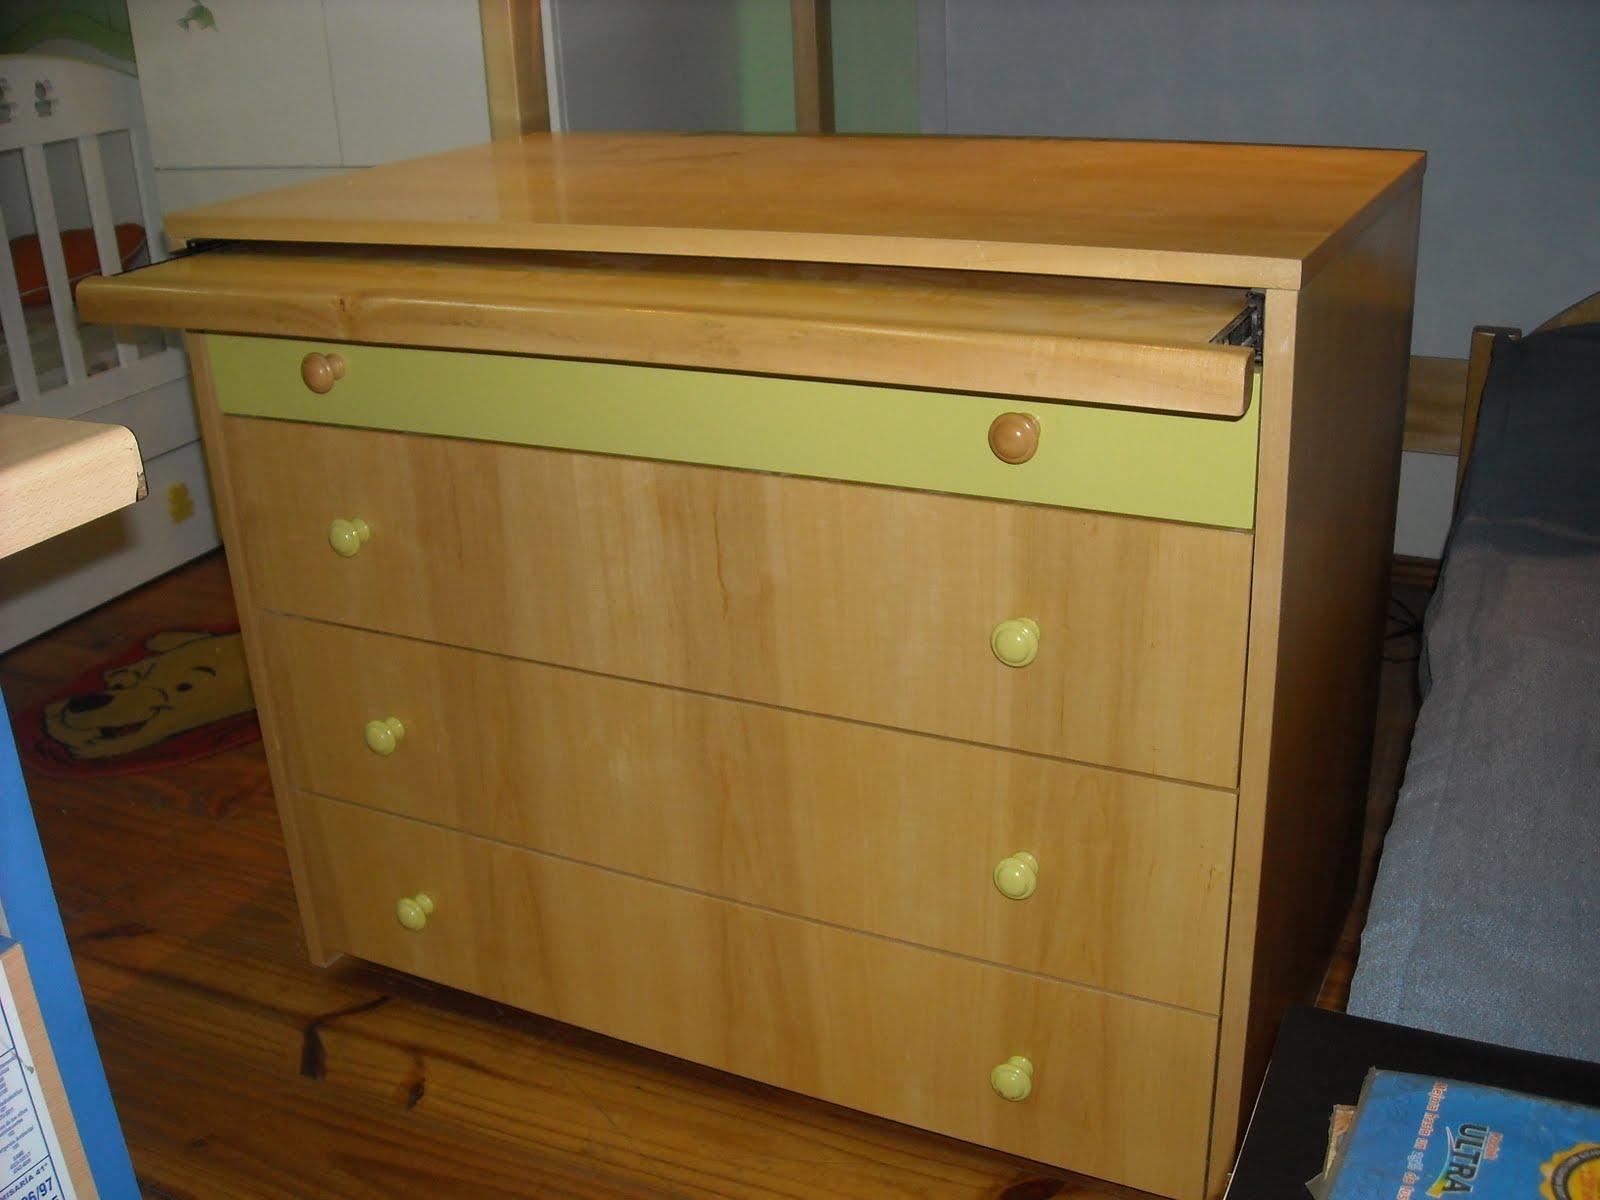 Muebles mya c modas con alzada y c modas con tabla escritorio for Muebles juveniles gavilan